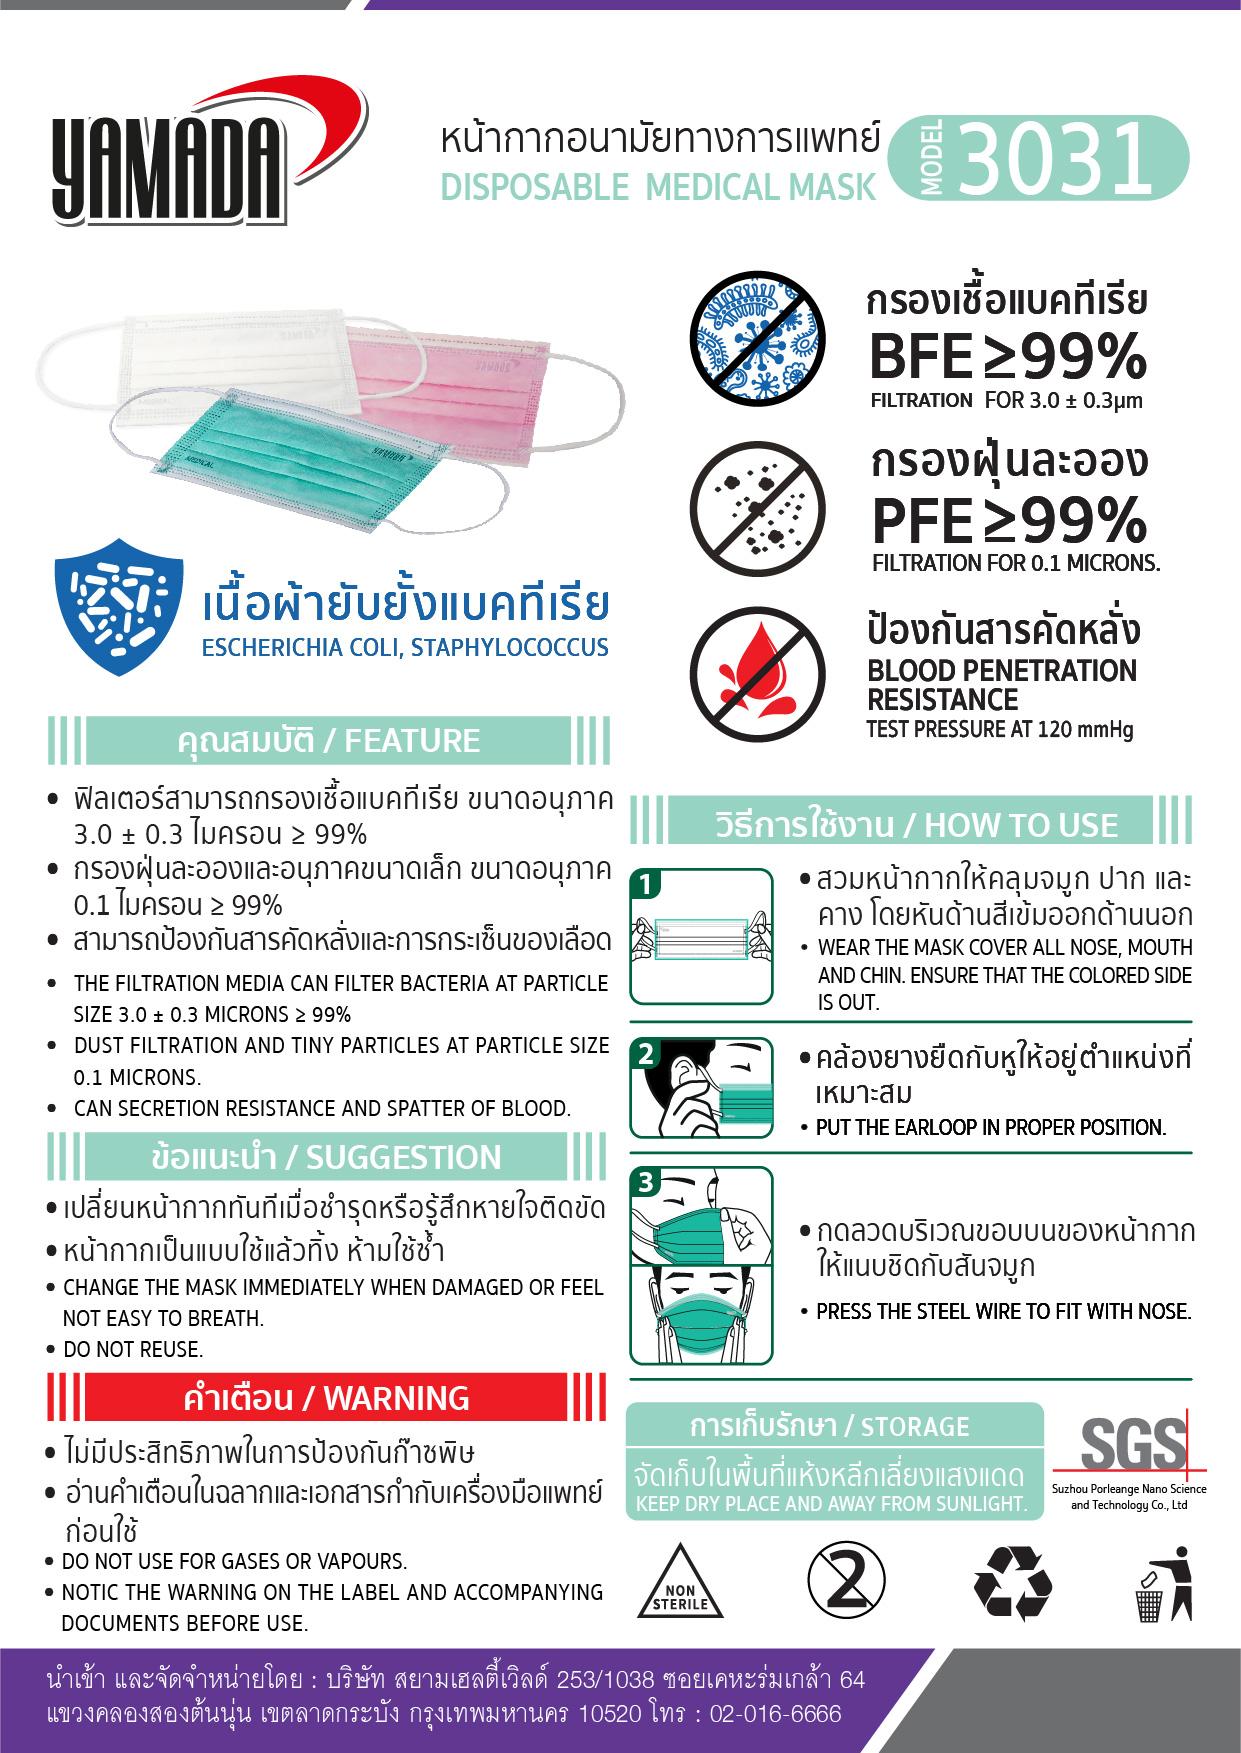 (115/279) หน้ากากอนามัยทางการแพทย์ รุ่น 3031